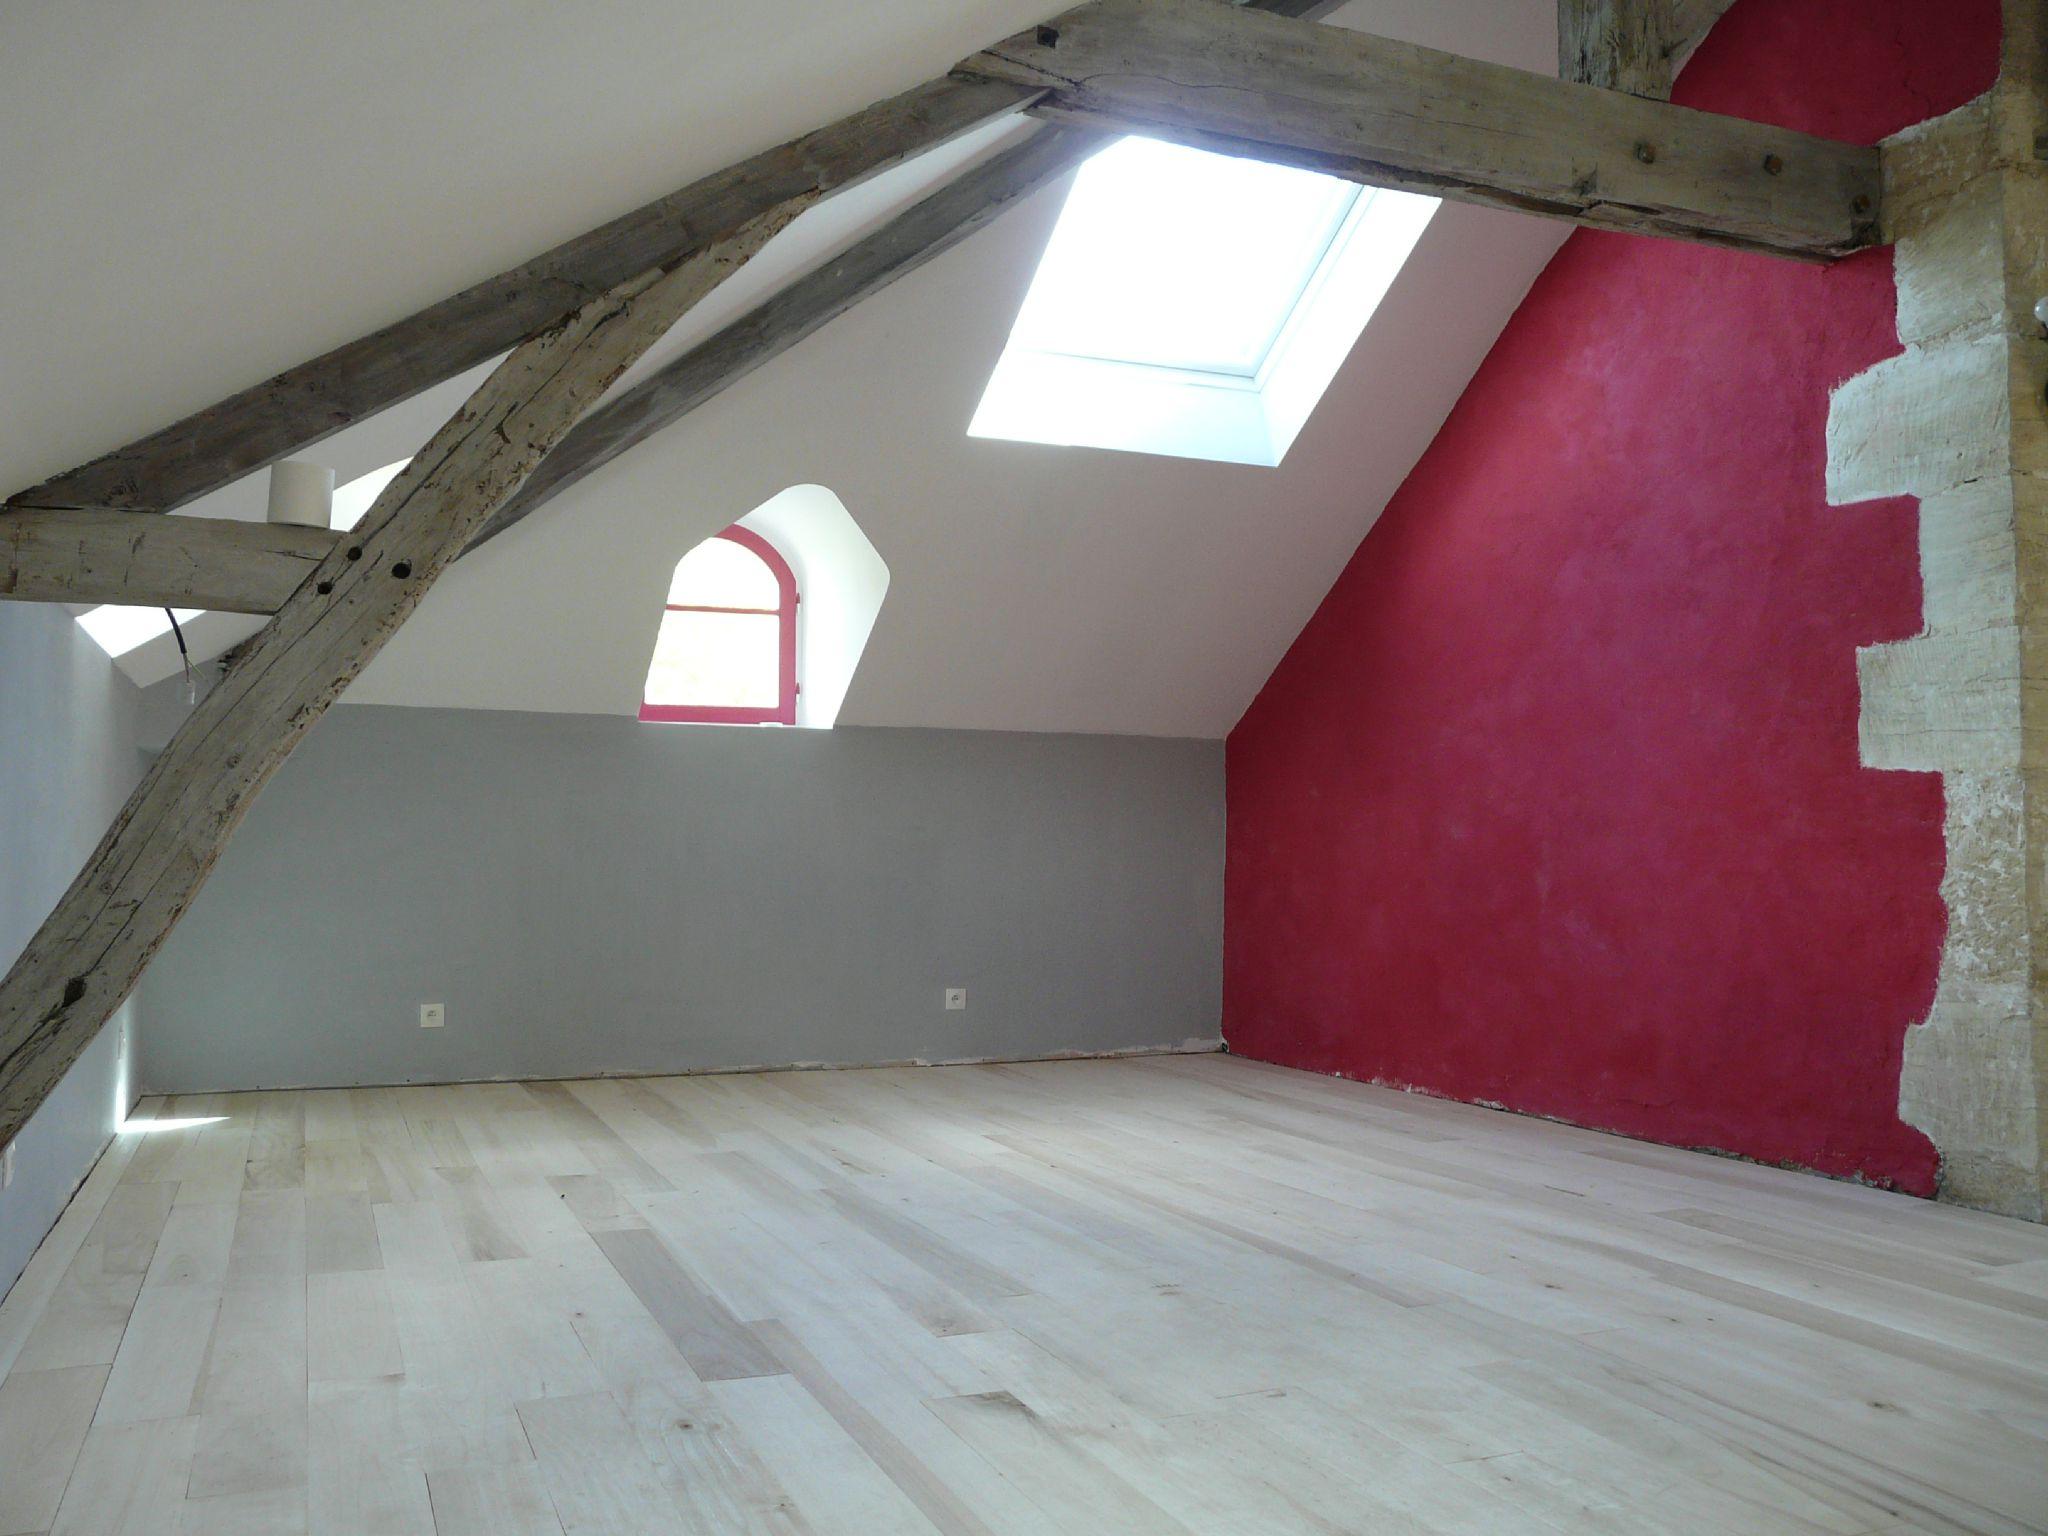 Cuisine couleur framboise excellent peinture rouge - Mur framboise et gris ...